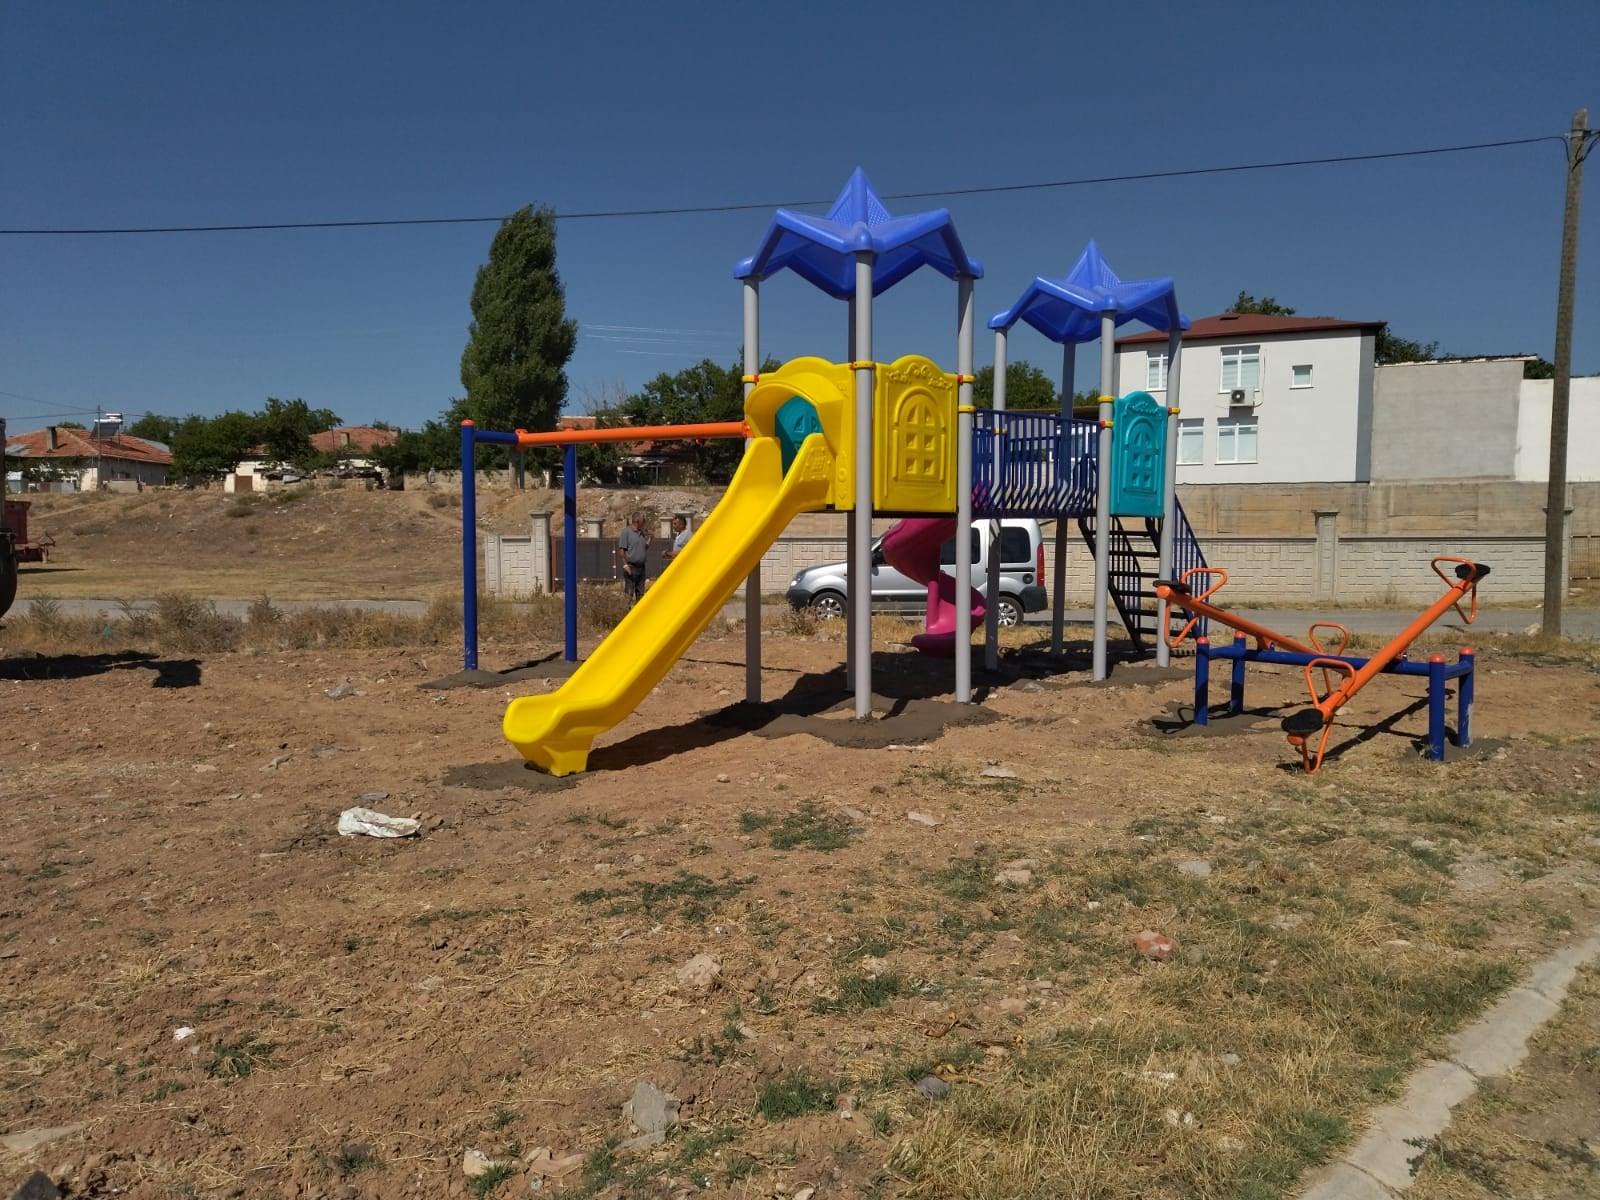 Yeni Süksün, Sağlık ve Akçatı Mahallelerimizde çocuk oyun parkı yapım çalışmaları sürüyor.